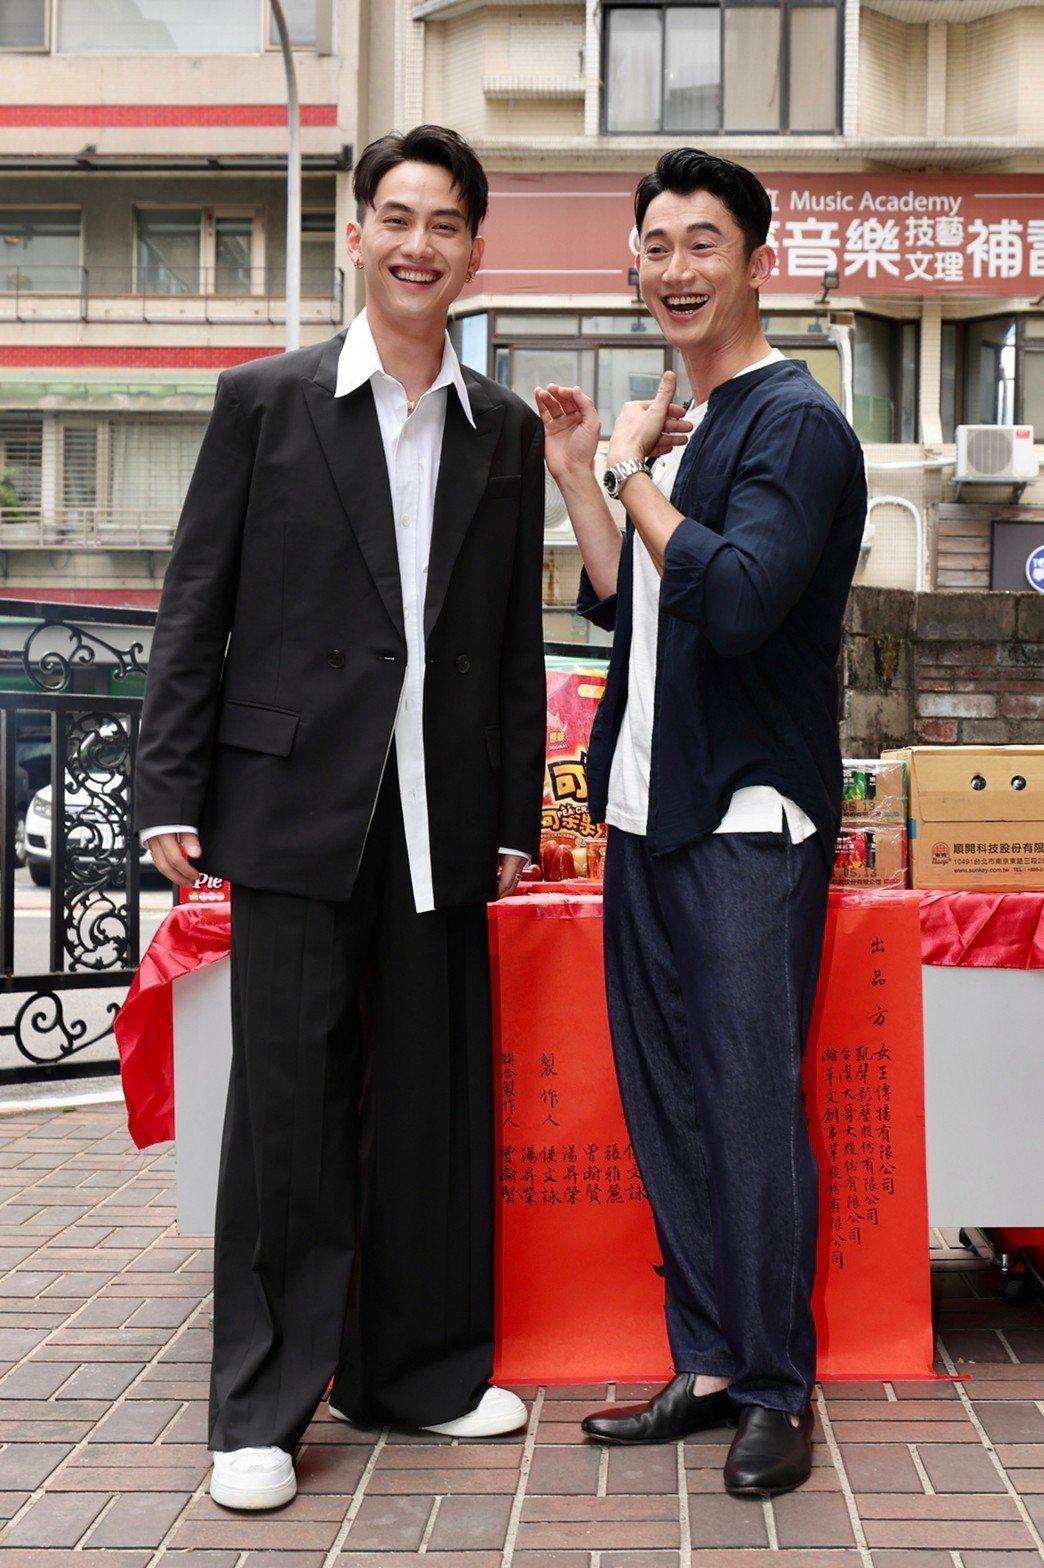 吳慷仁(右)、范少勳4月份出席「人浮於愛」開鏡儀式。記者李政龍/攝影